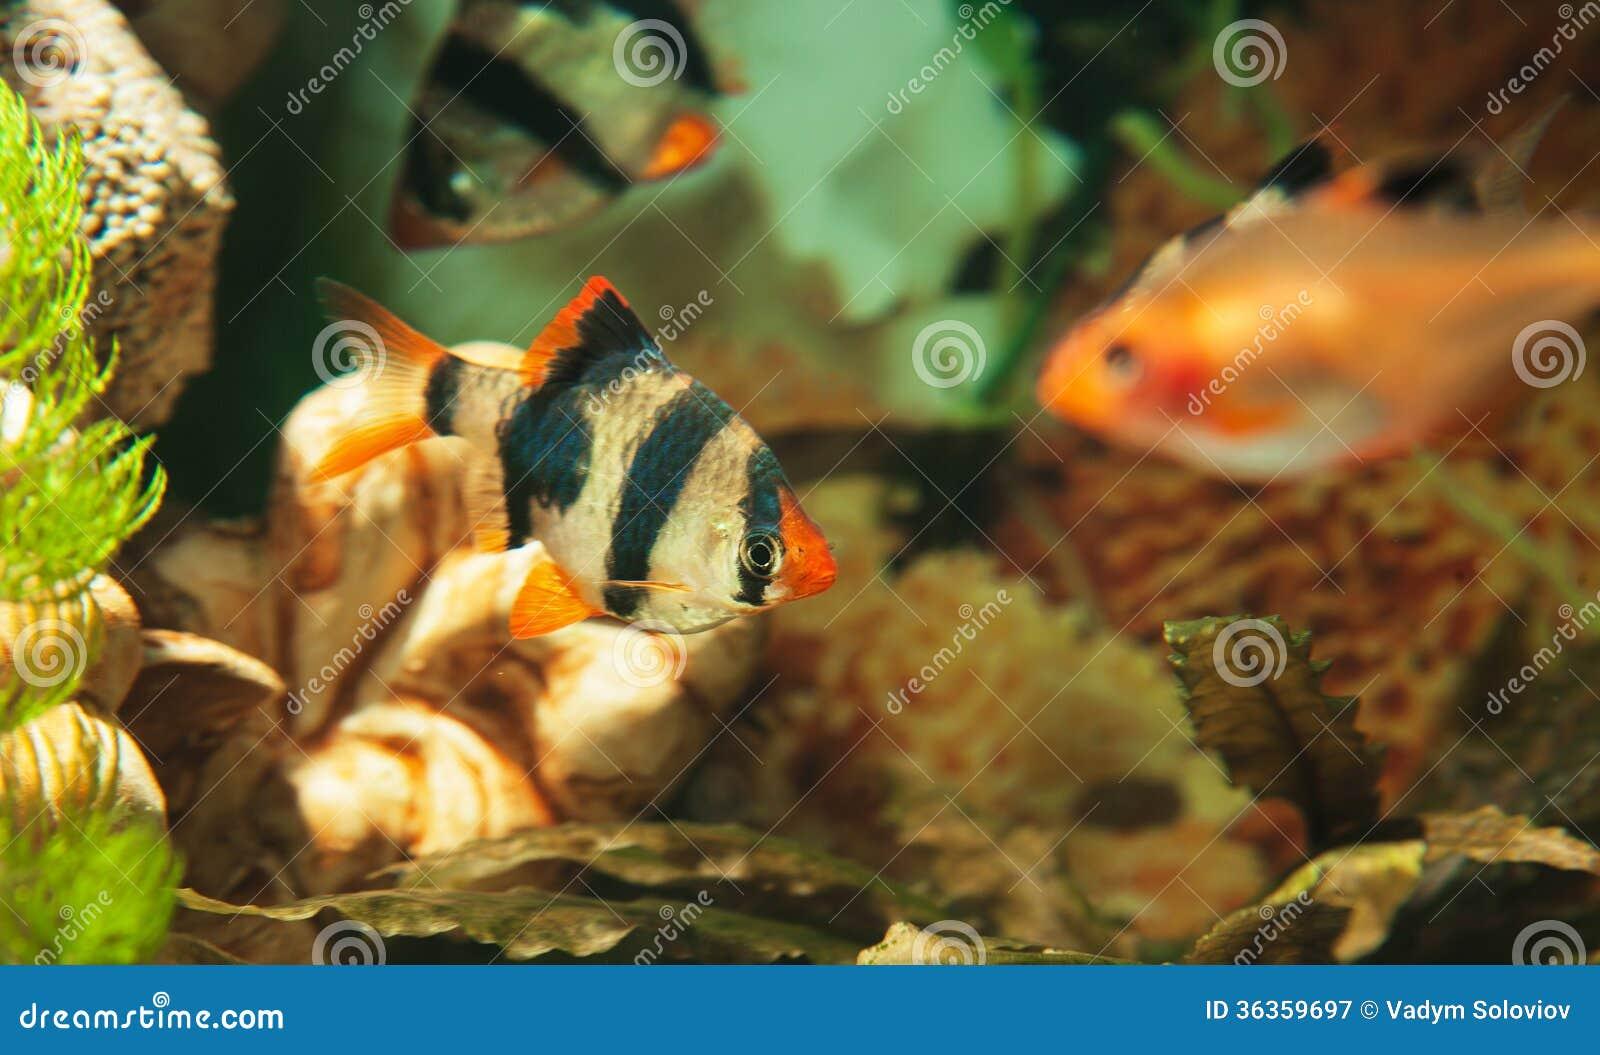 Pesci Acquario Tropicale Acqua Dolce : Tigre con i pesci tropicali in acquario fotografia stock libera da